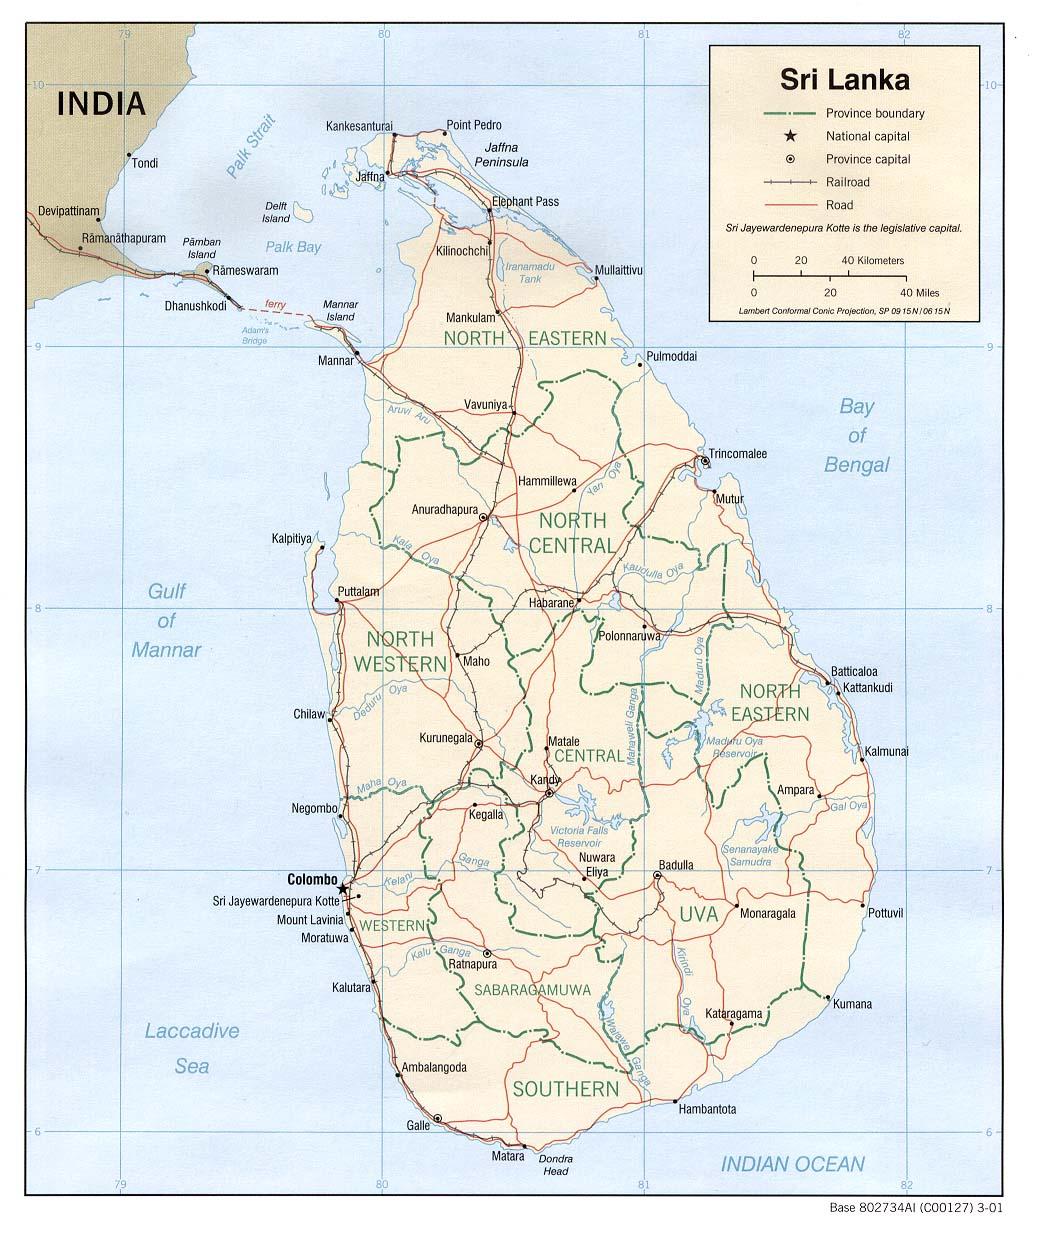 斯里兰卡地图|华译网翻译公司提供专业翻译服务